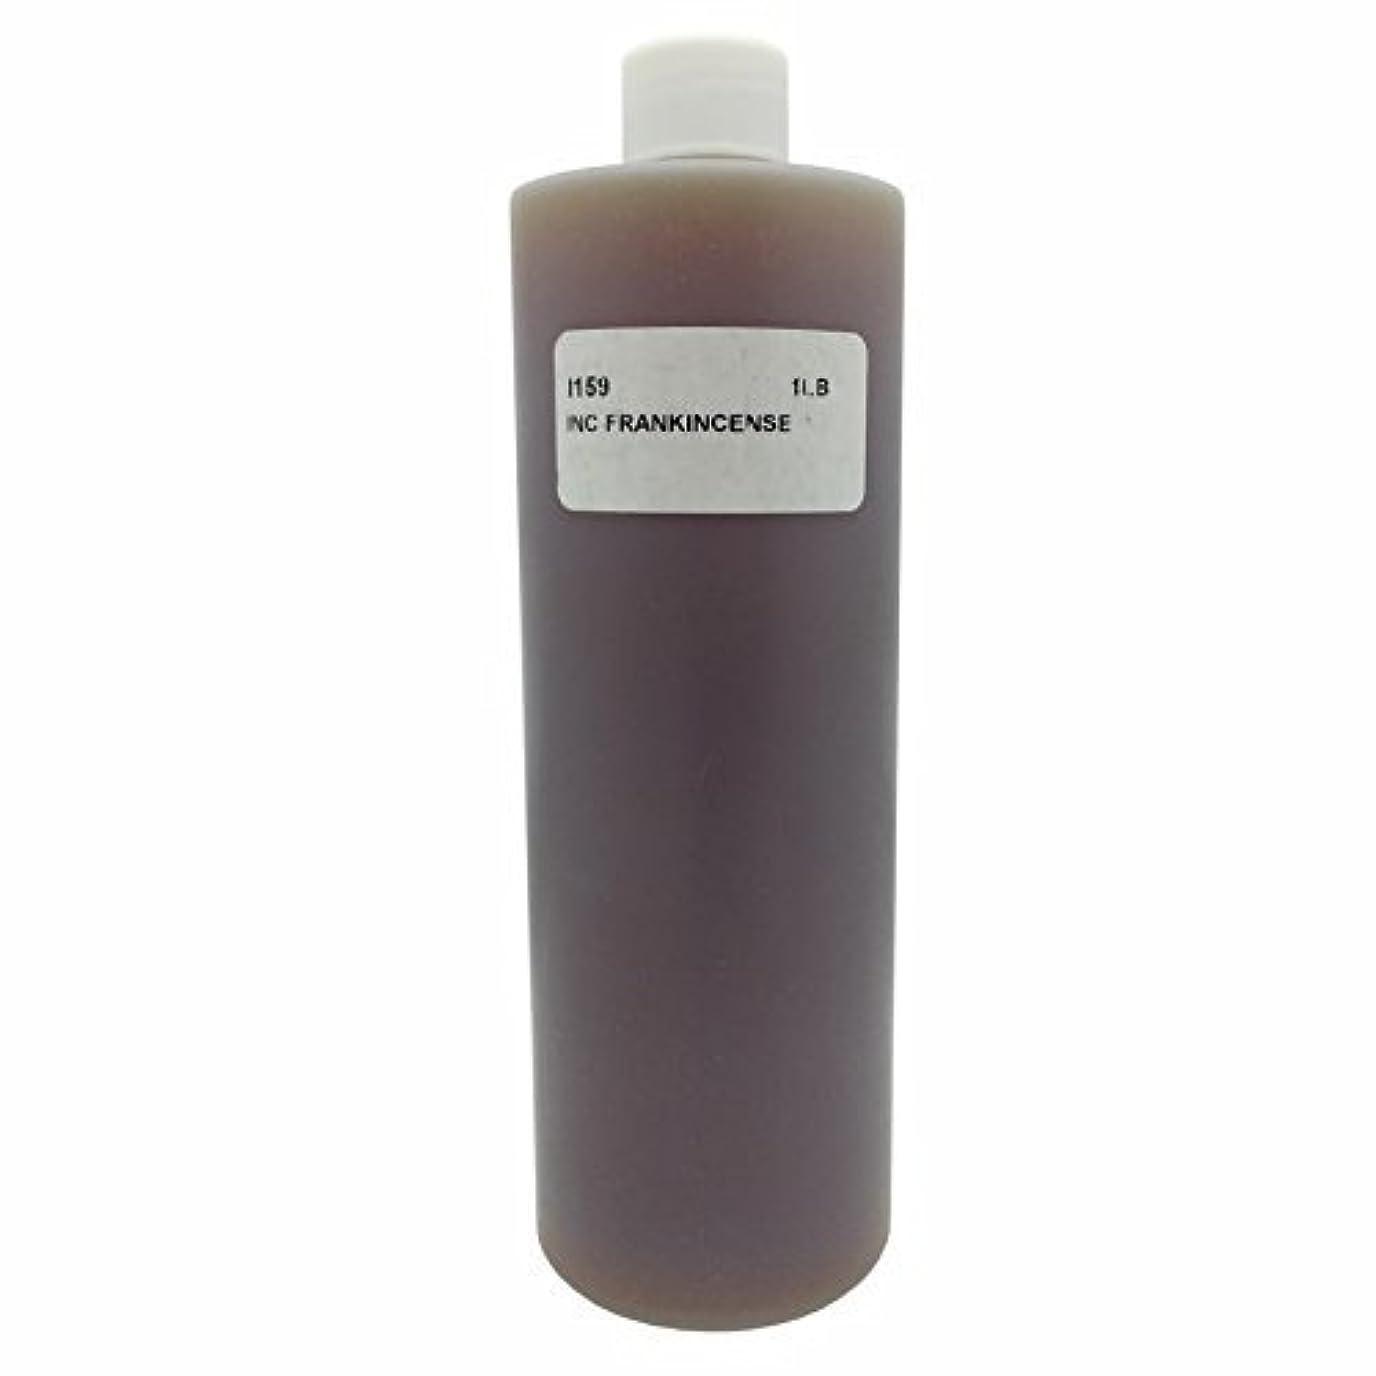 スリット想像力豊かなアンソロジーBargz Perfume – Frankincense Incenseオイル香りフレグランス